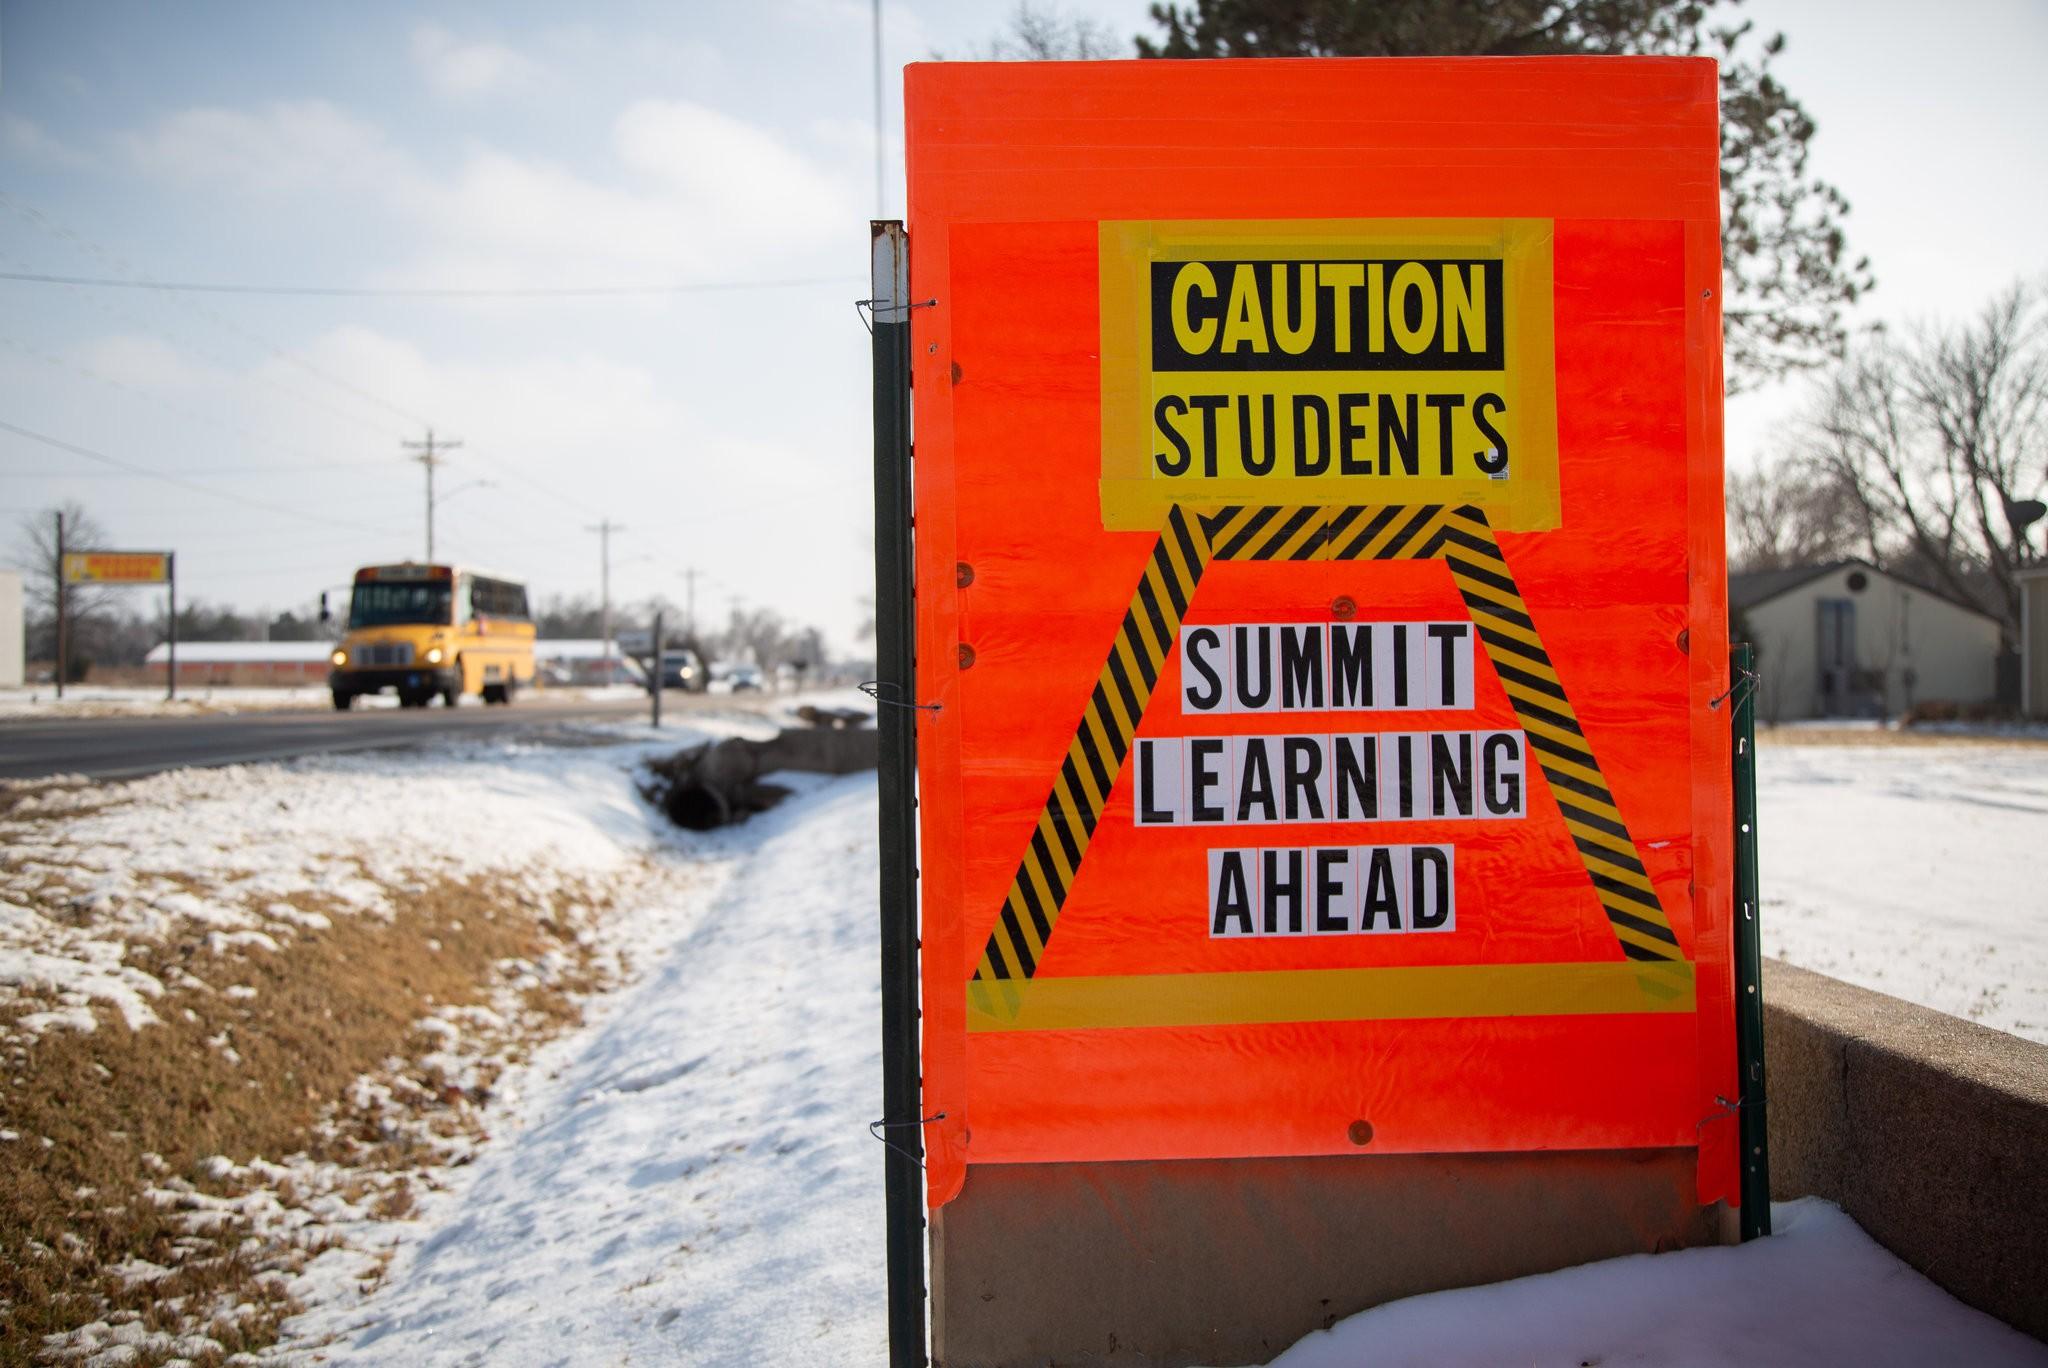 Кремниевая долина пришла к канзасским школьникам. Это привело к протестам - 1